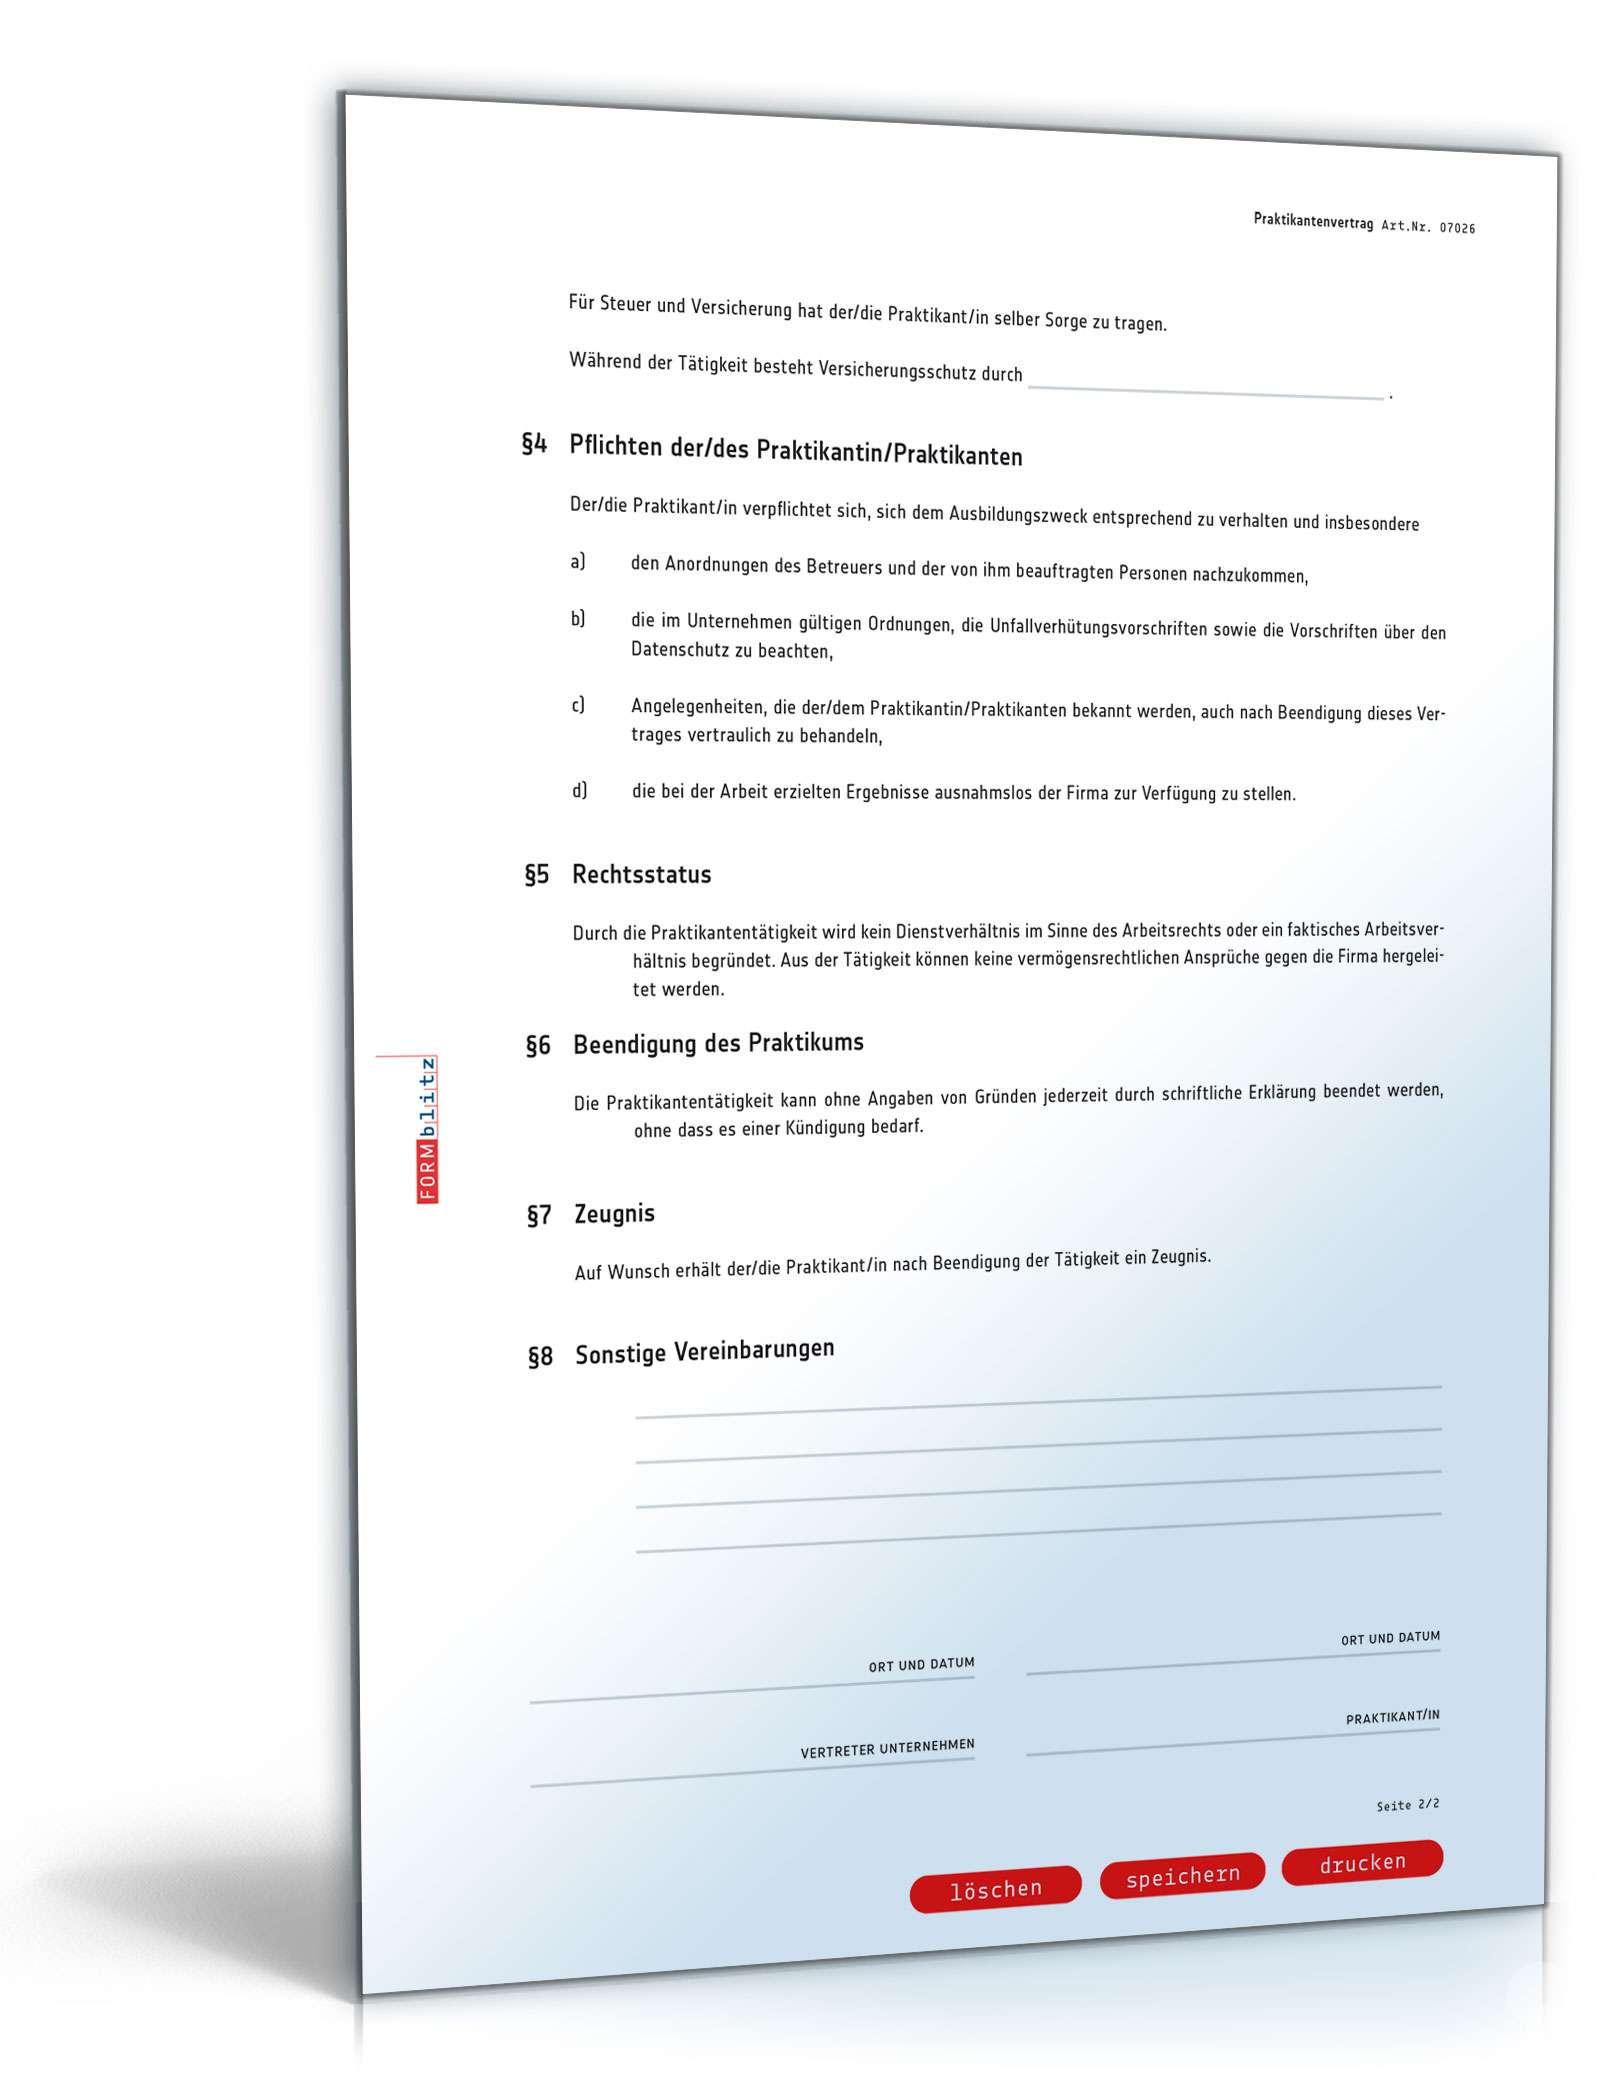 Praktikantenvertrag Muster Nach Schweizerischem Recht Zum Download